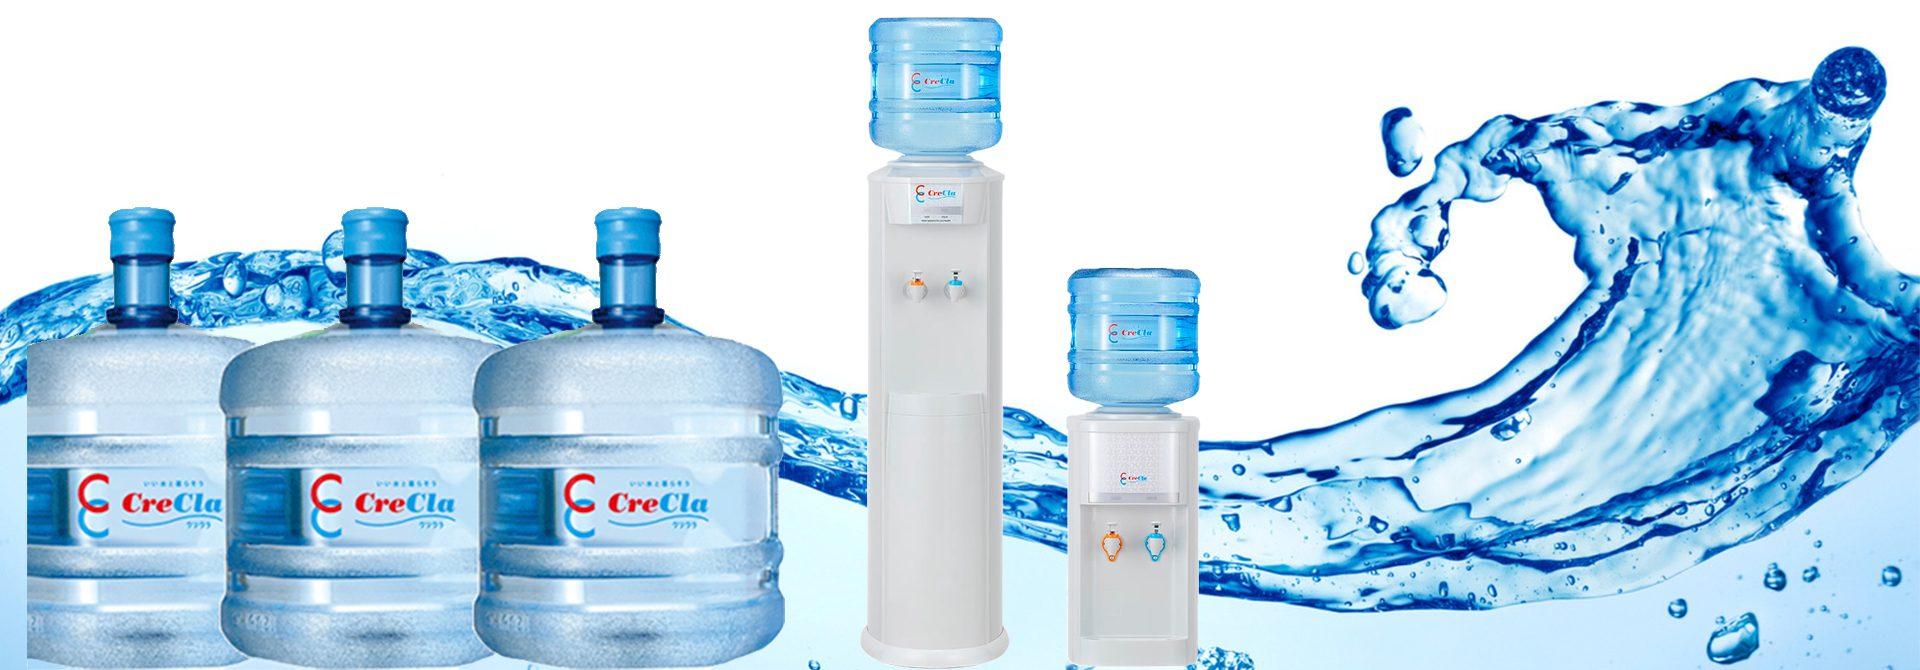 ウォーターサーバーのクリクラを各ご家庭に宅配するサービスを行っています。 クリクラは飲料水としてはもちろん、お料理、お酒、赤ちゃんの粉ミルクなど様々な用途にご利用いただけます。